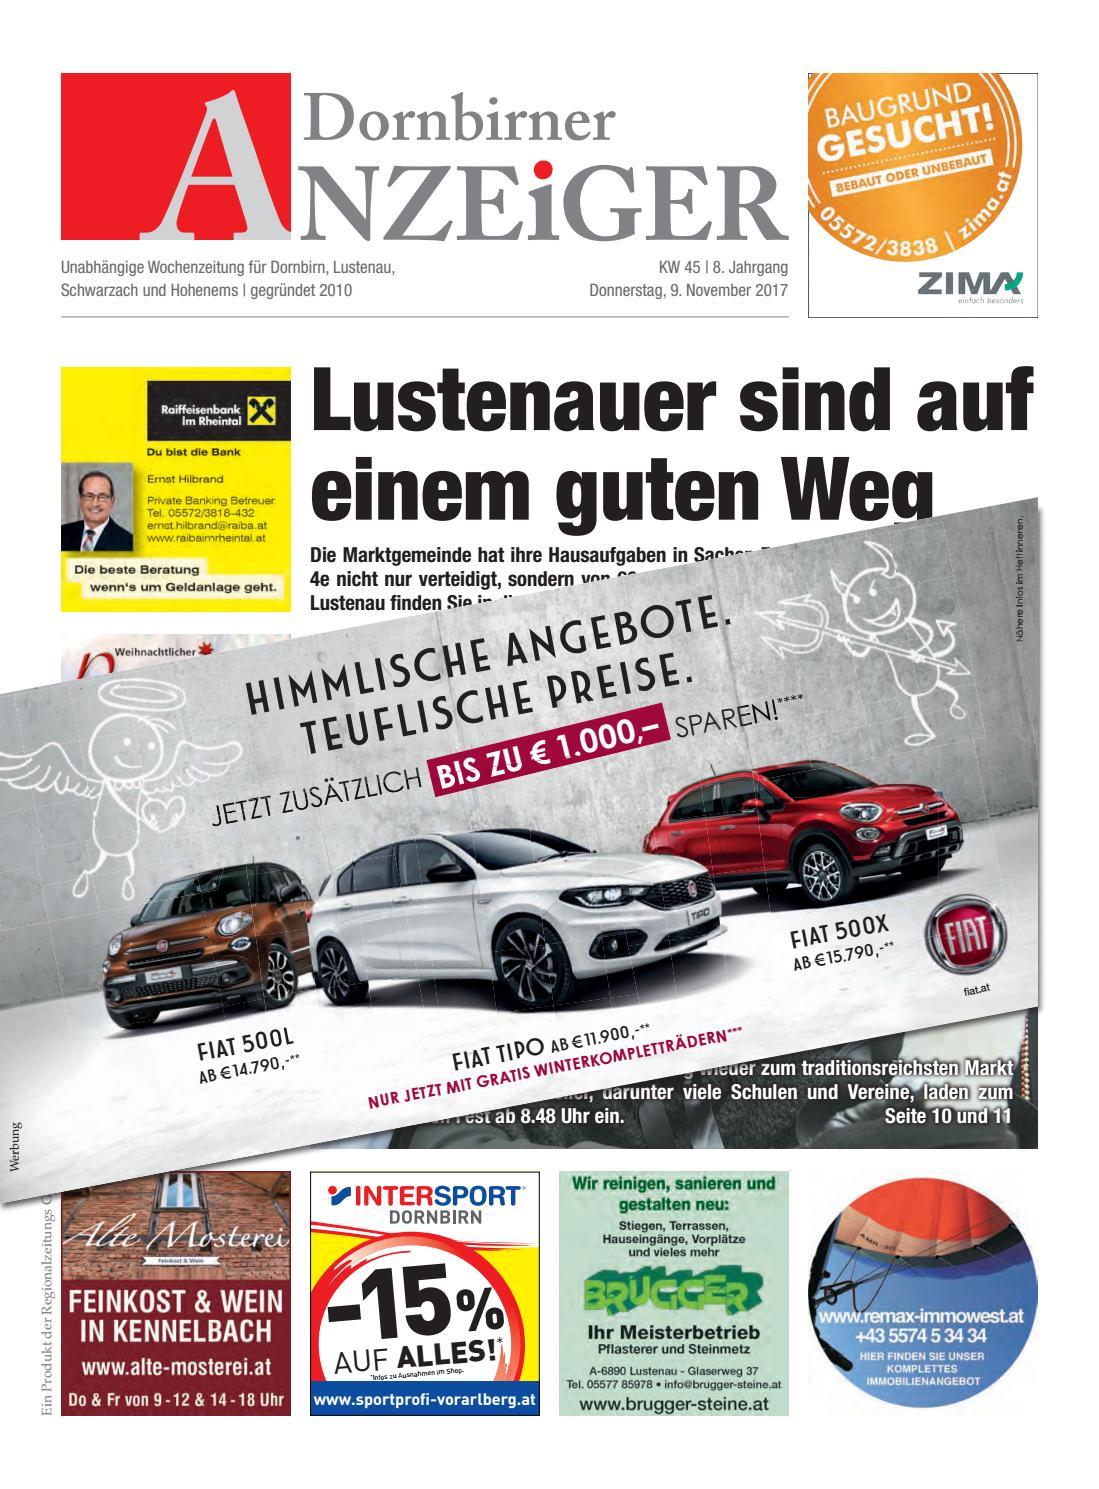 Dornbirner%20Anzeiger%2045 By Regionalzeitungs Gmbh - Issuu